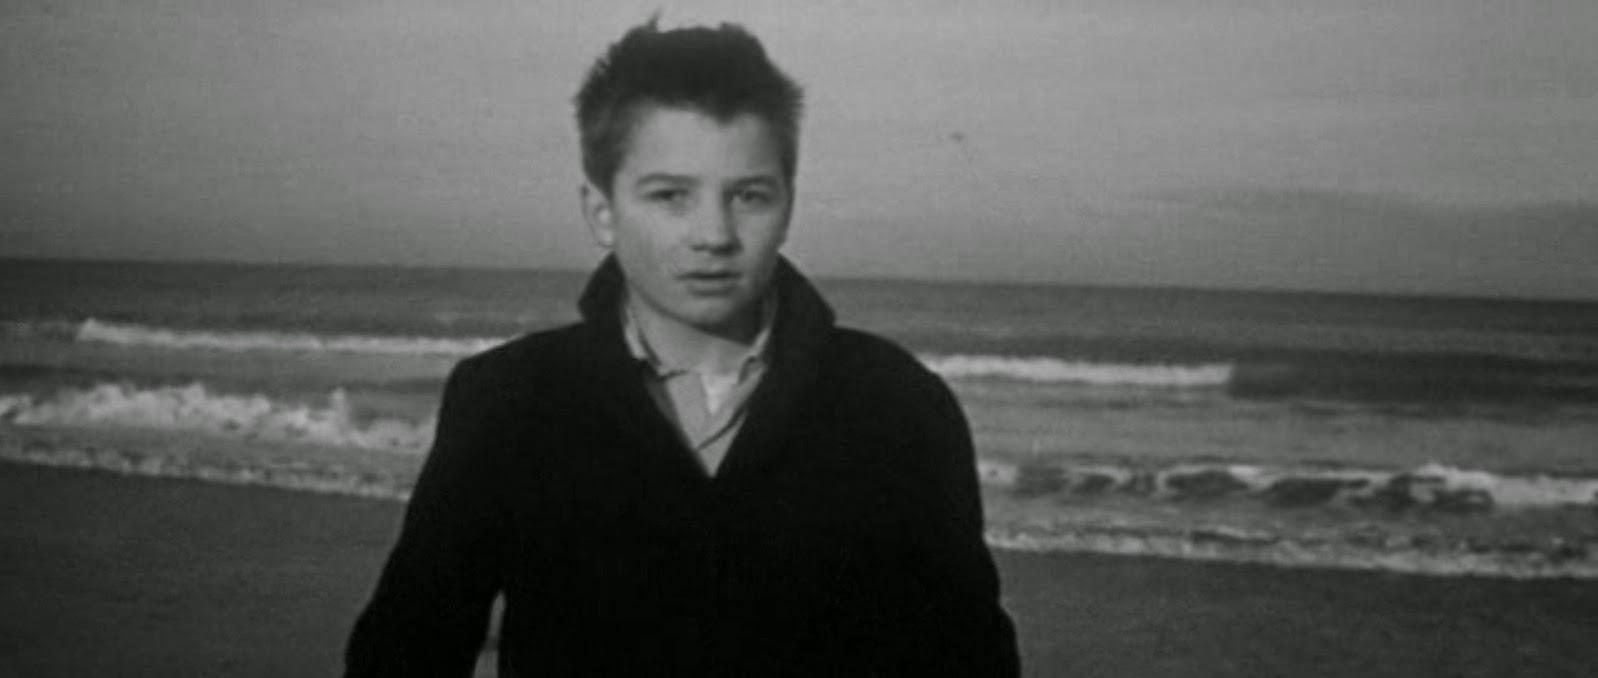 François Truffaut: Les quatre cents coups.